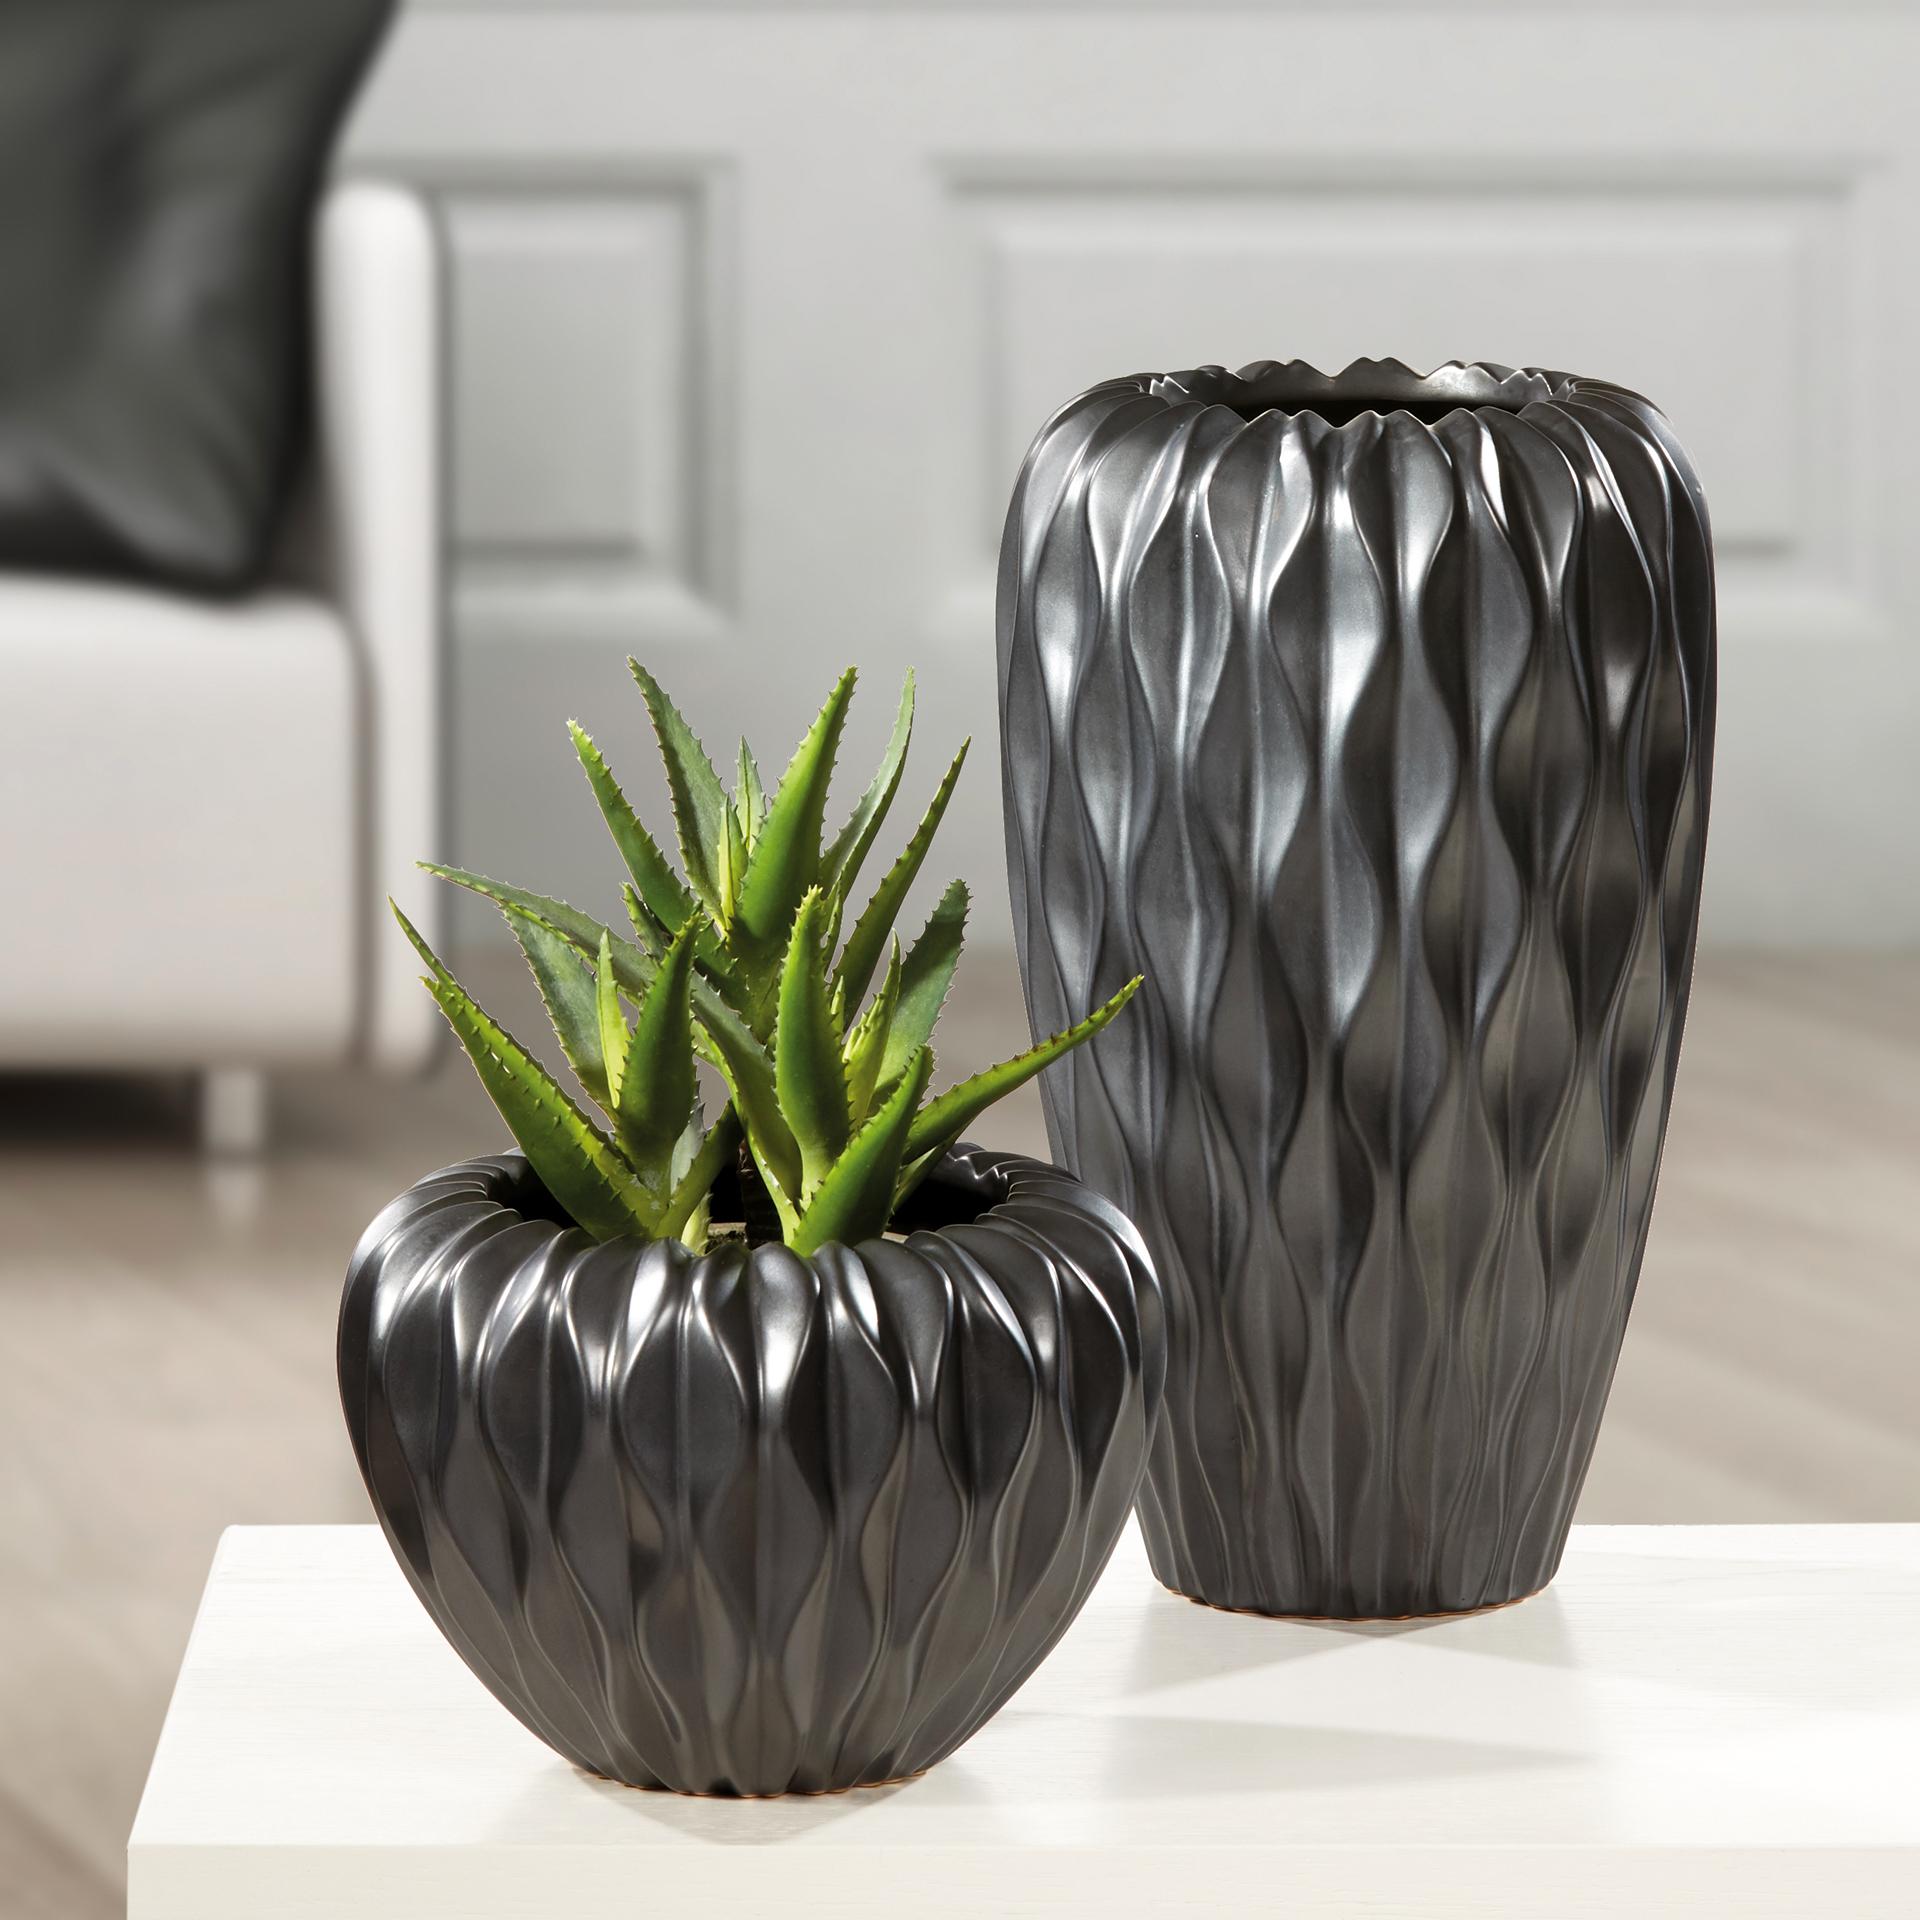 Baku - Vase und Kübel in Graphit